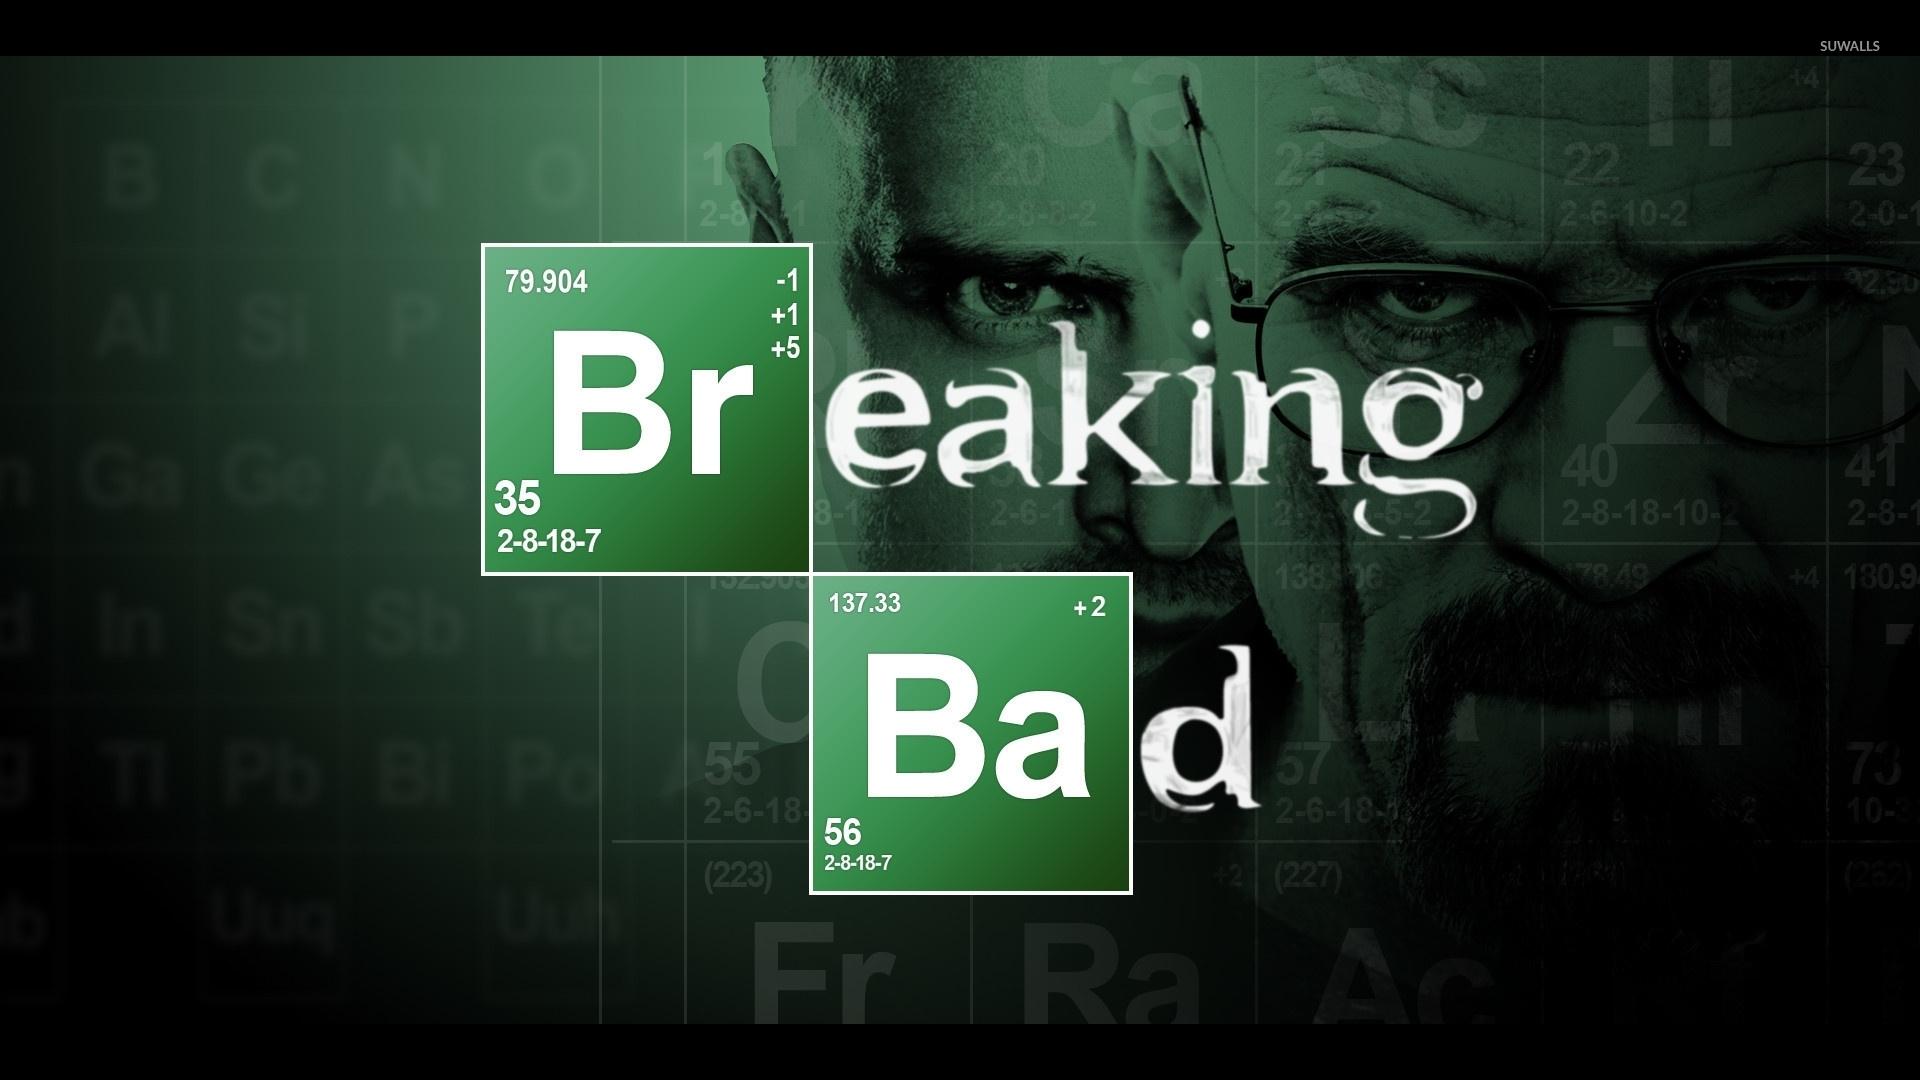 Breaking Bad 9 Wallpaper Tv Show Wallpapers 43602